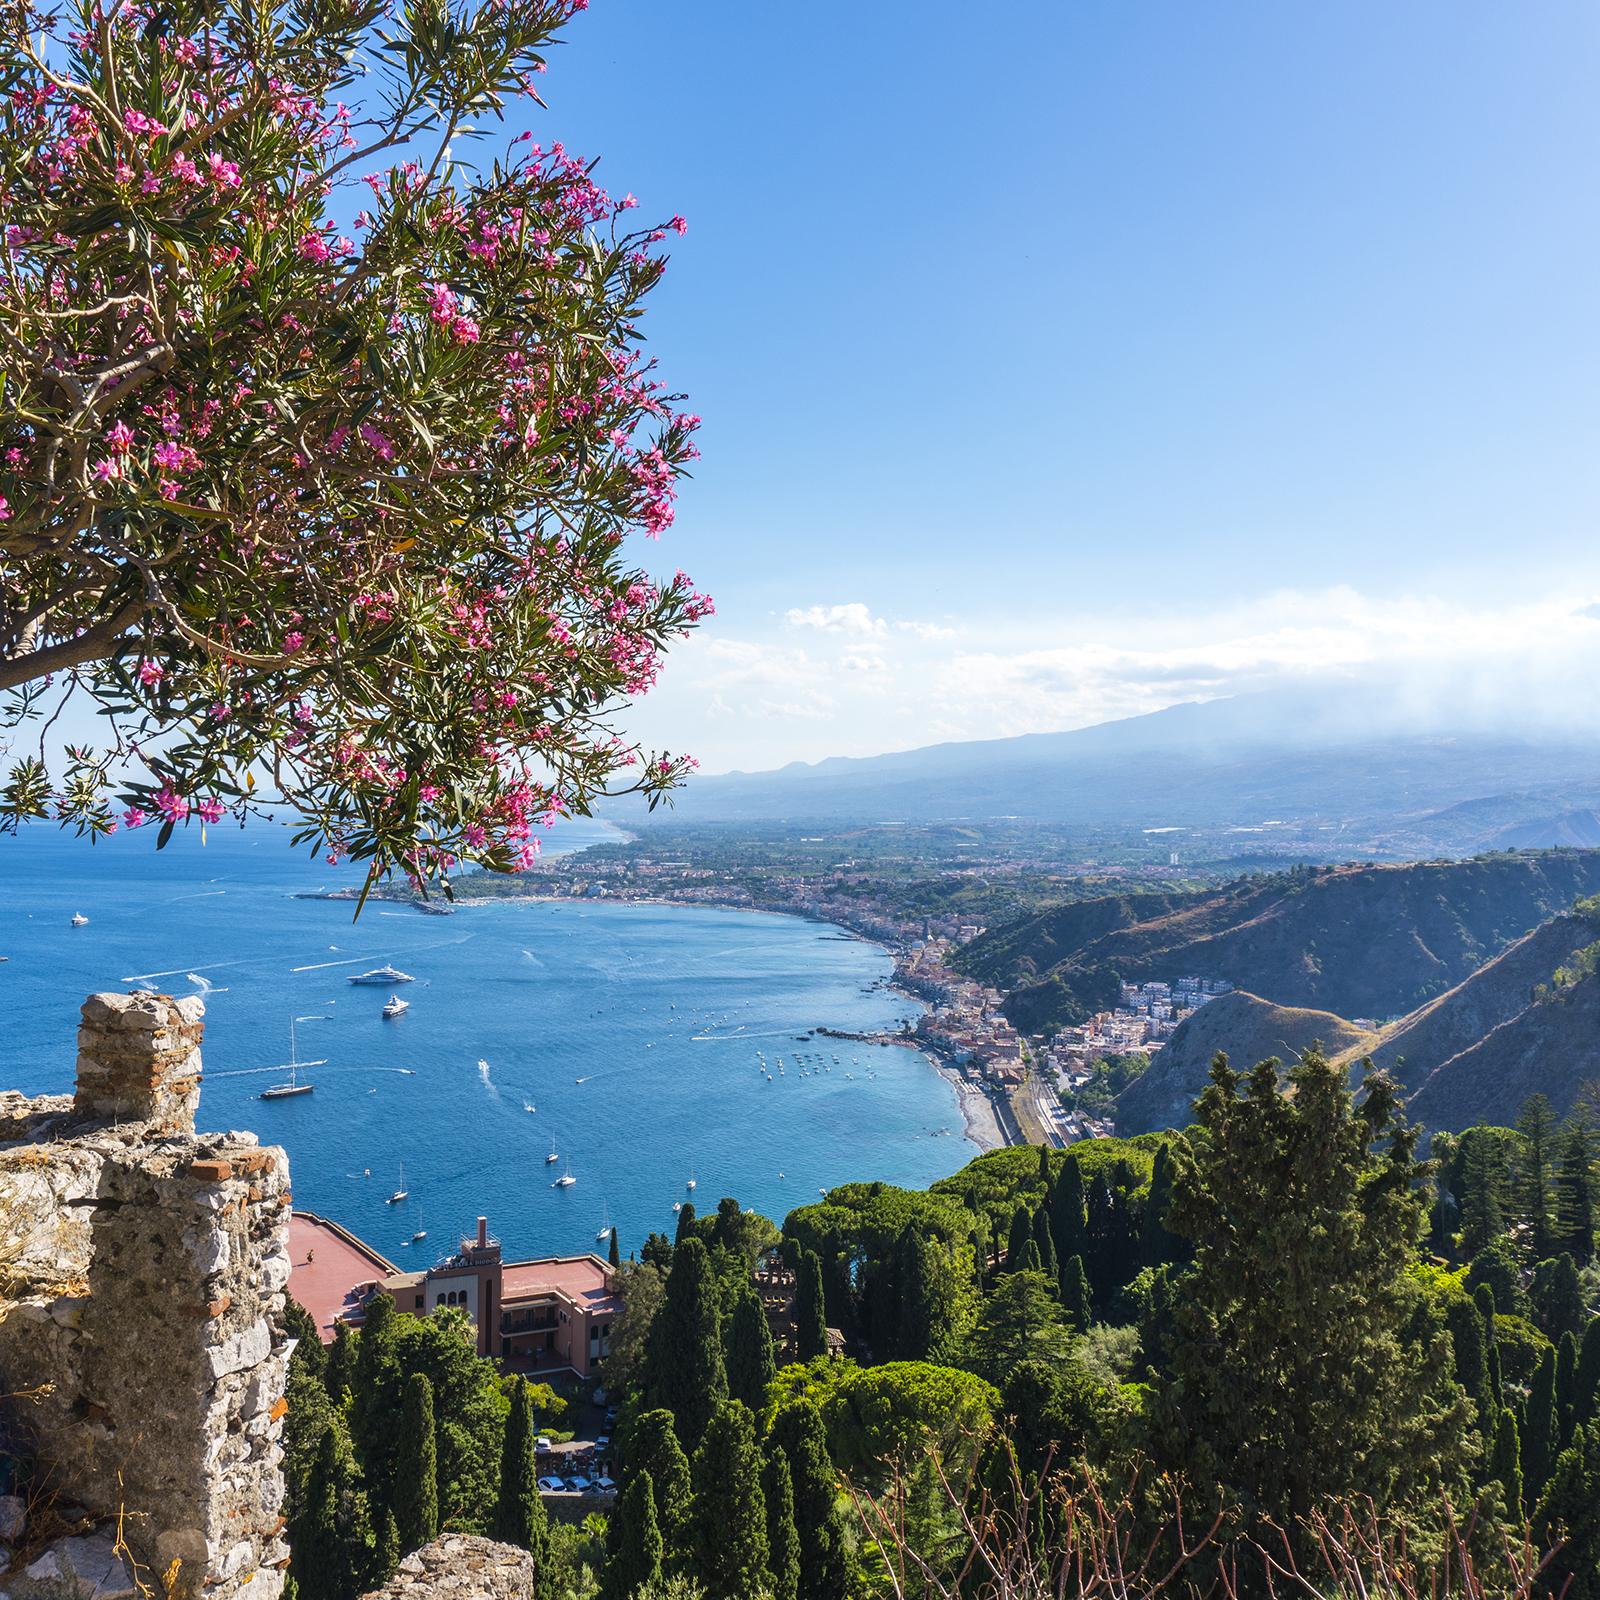 (c) 2017 Right Half Media - Taormina, Italy Photograph #1